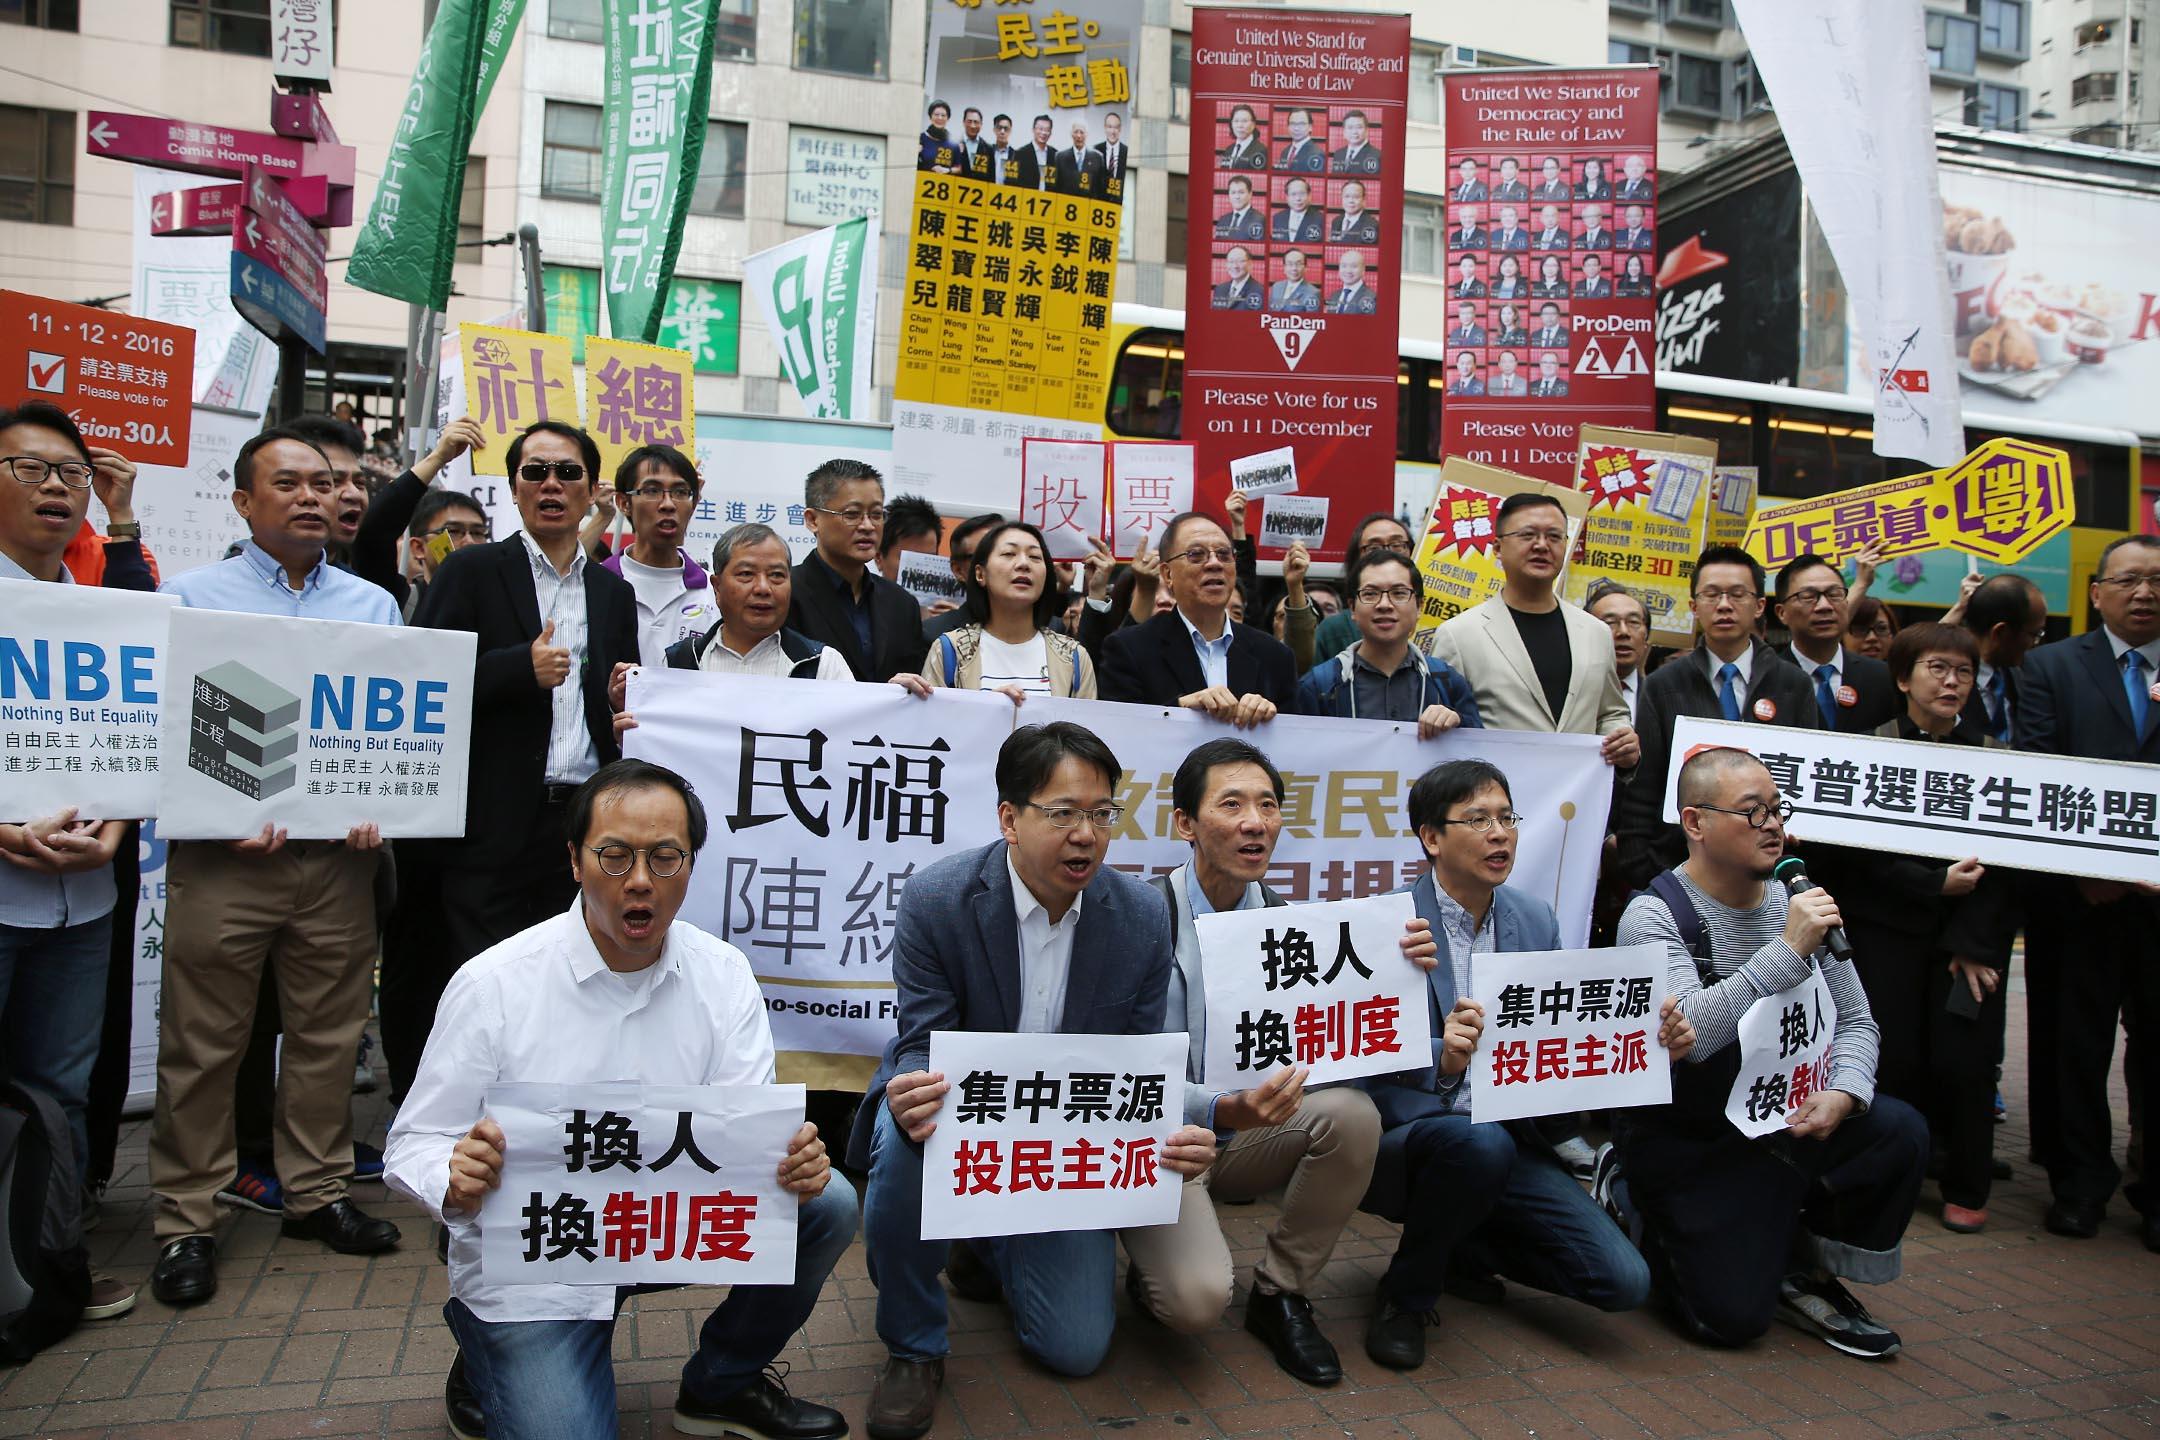 2016年12月11日,民主派參加選舉委員會的競選活動。